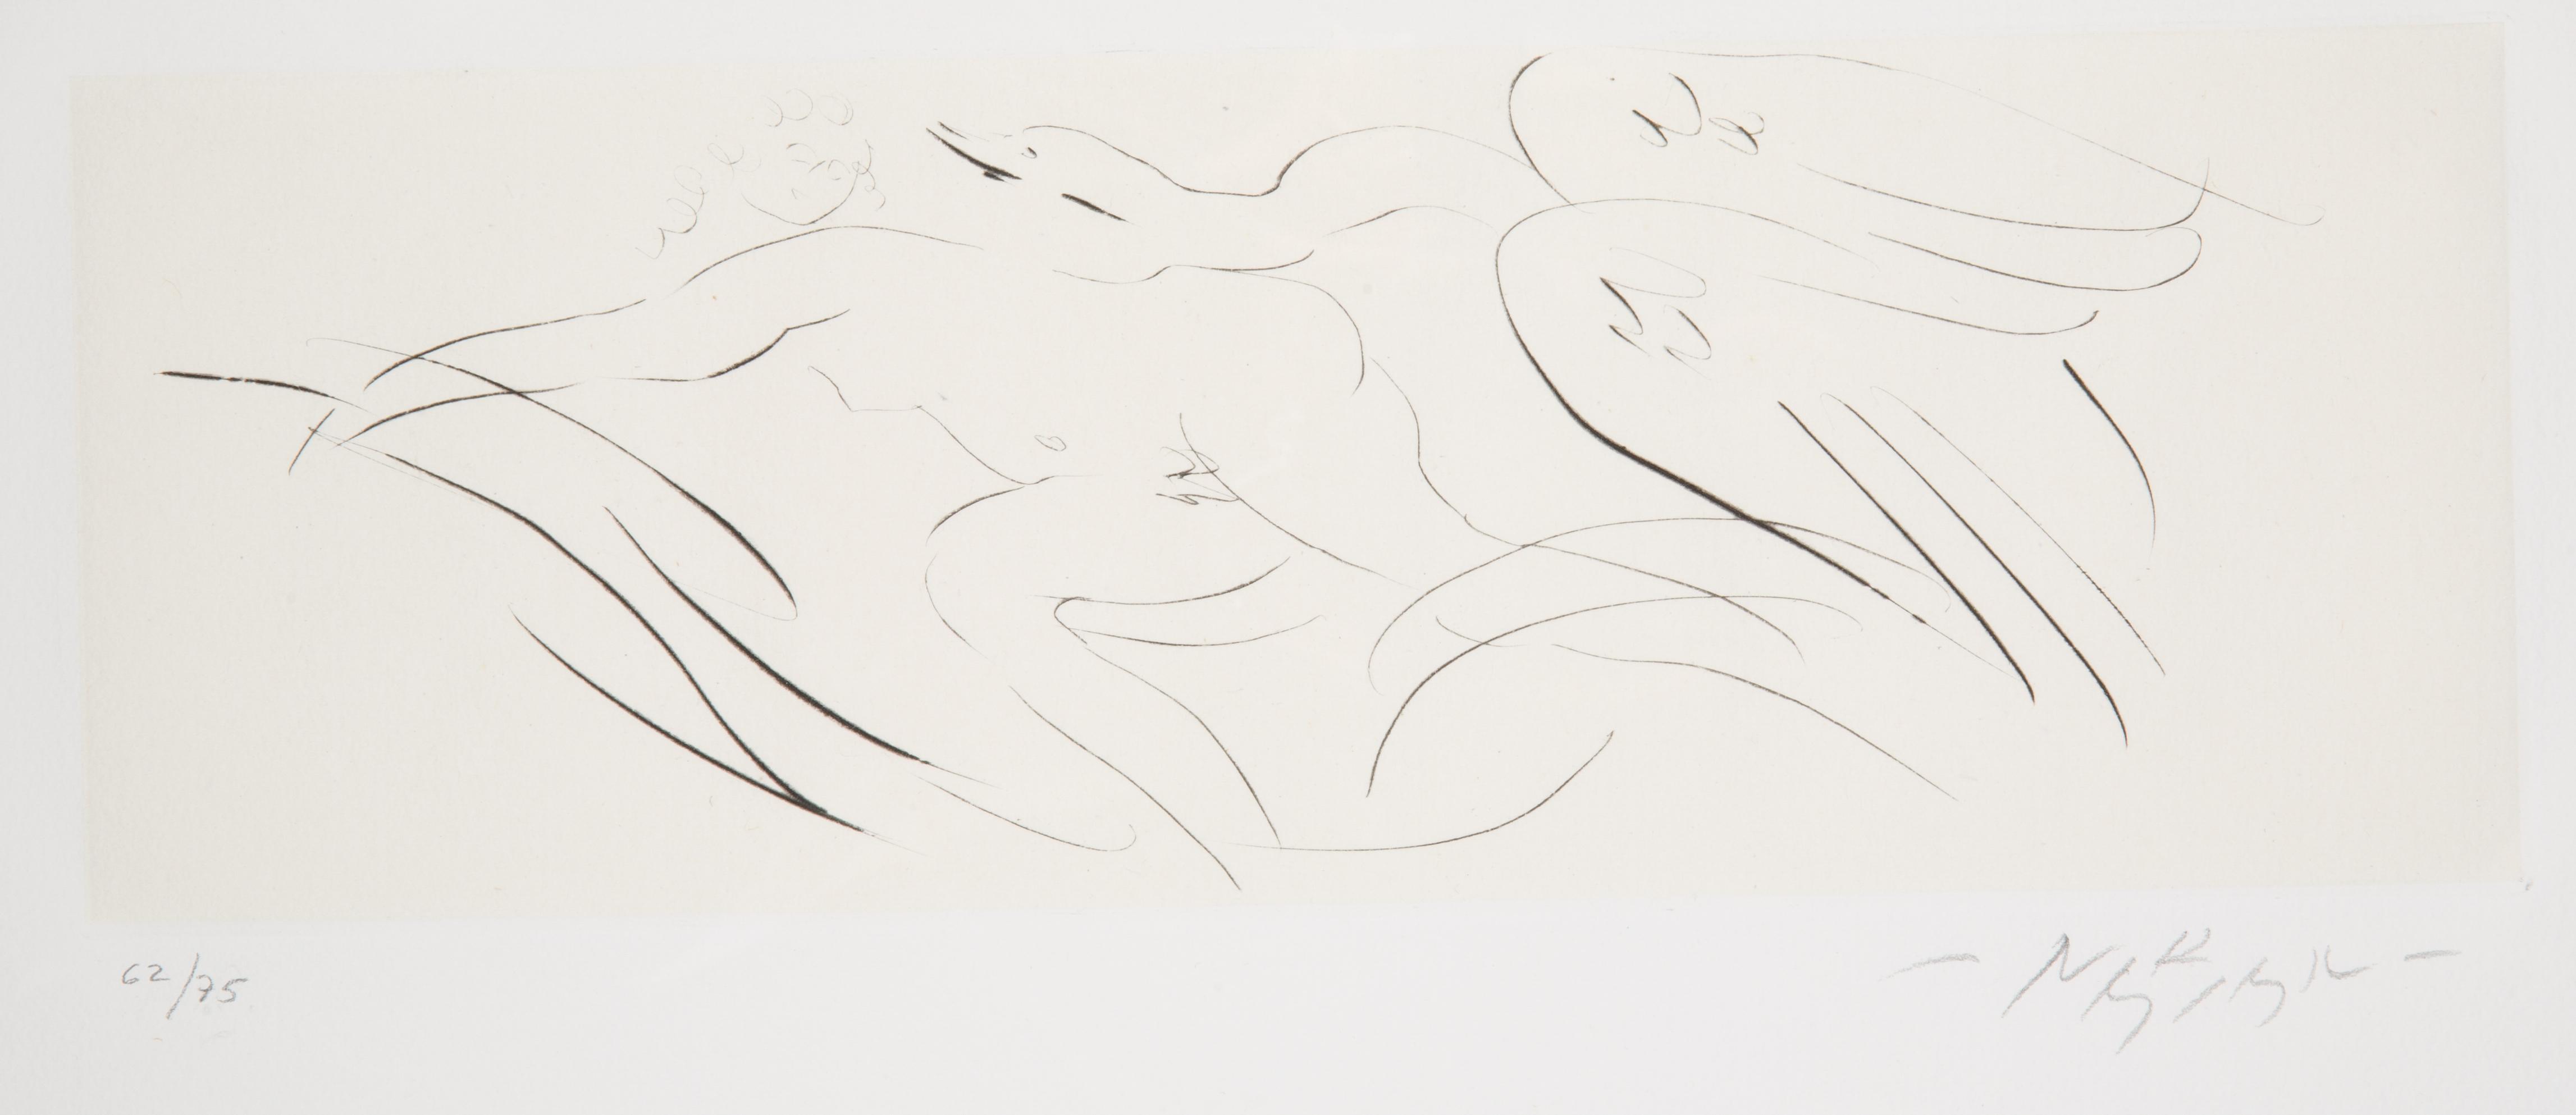 NINE ETCHINGS BY REUBEN NAKIAN (AMERICAN 1897-1986) - Image 2 of 18